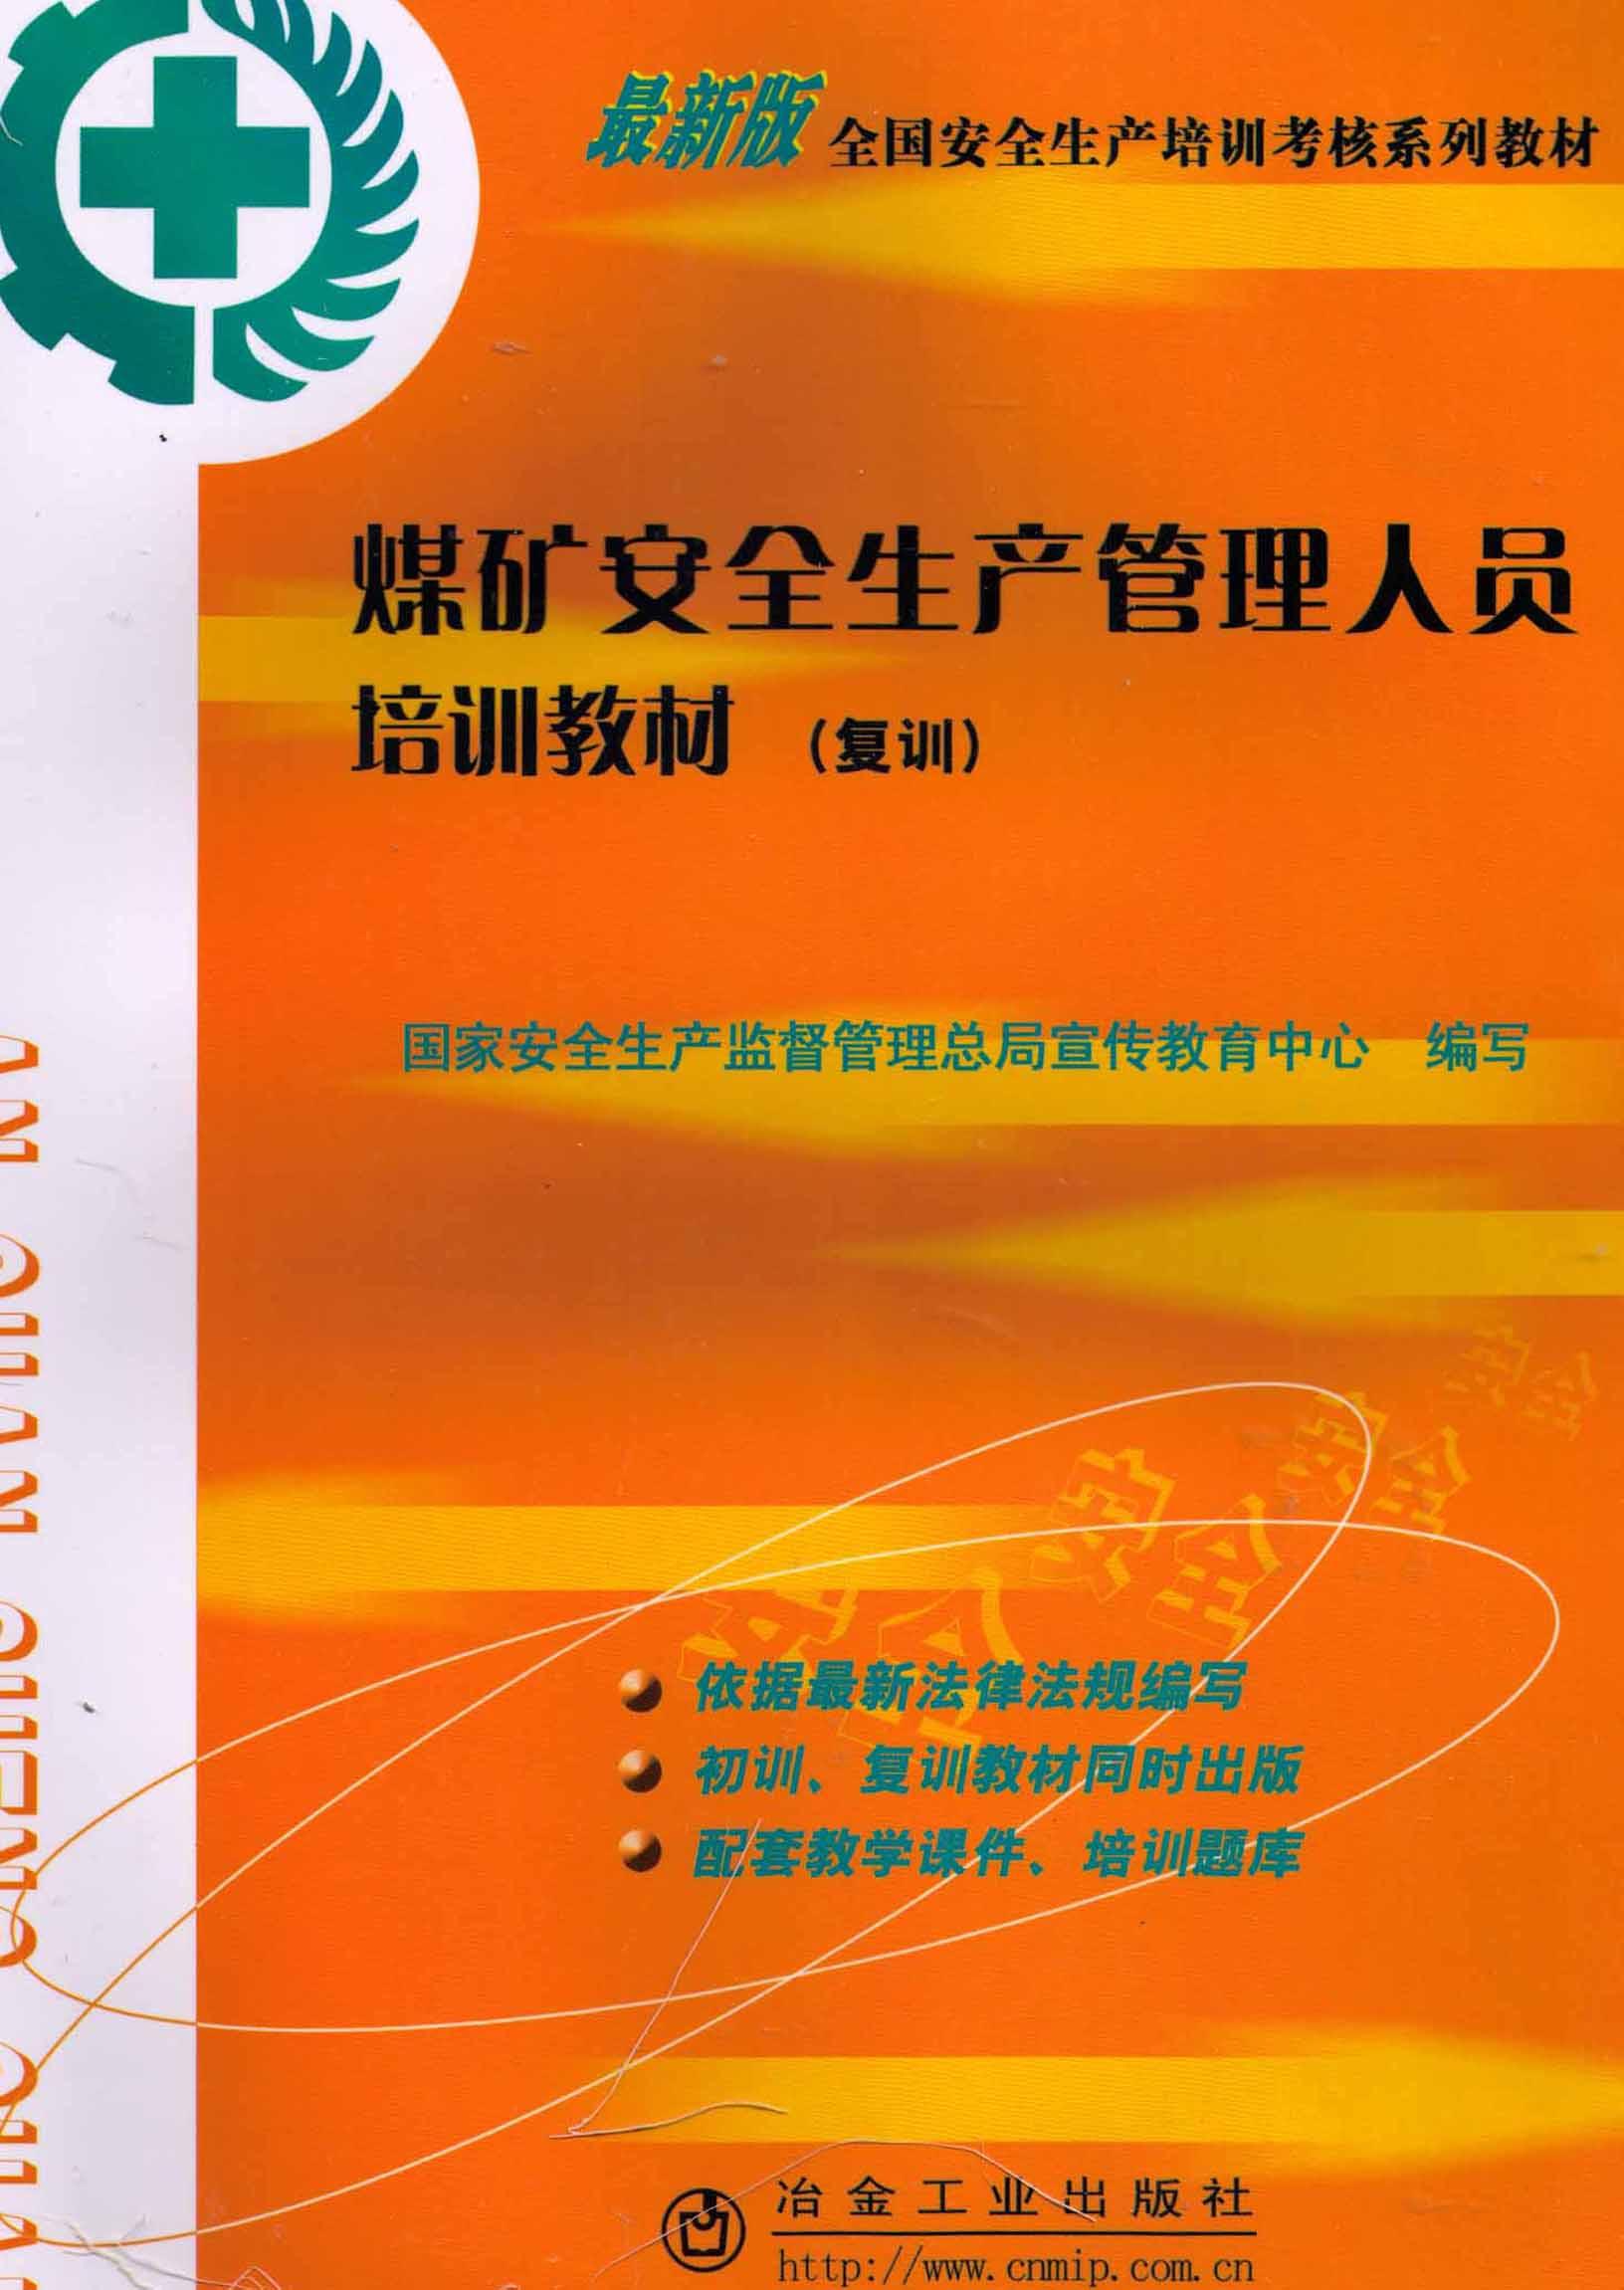 煤矿腾博会生产管理人员培训教材(复训)(修订版)(煤矿腾博会培训教材系列)